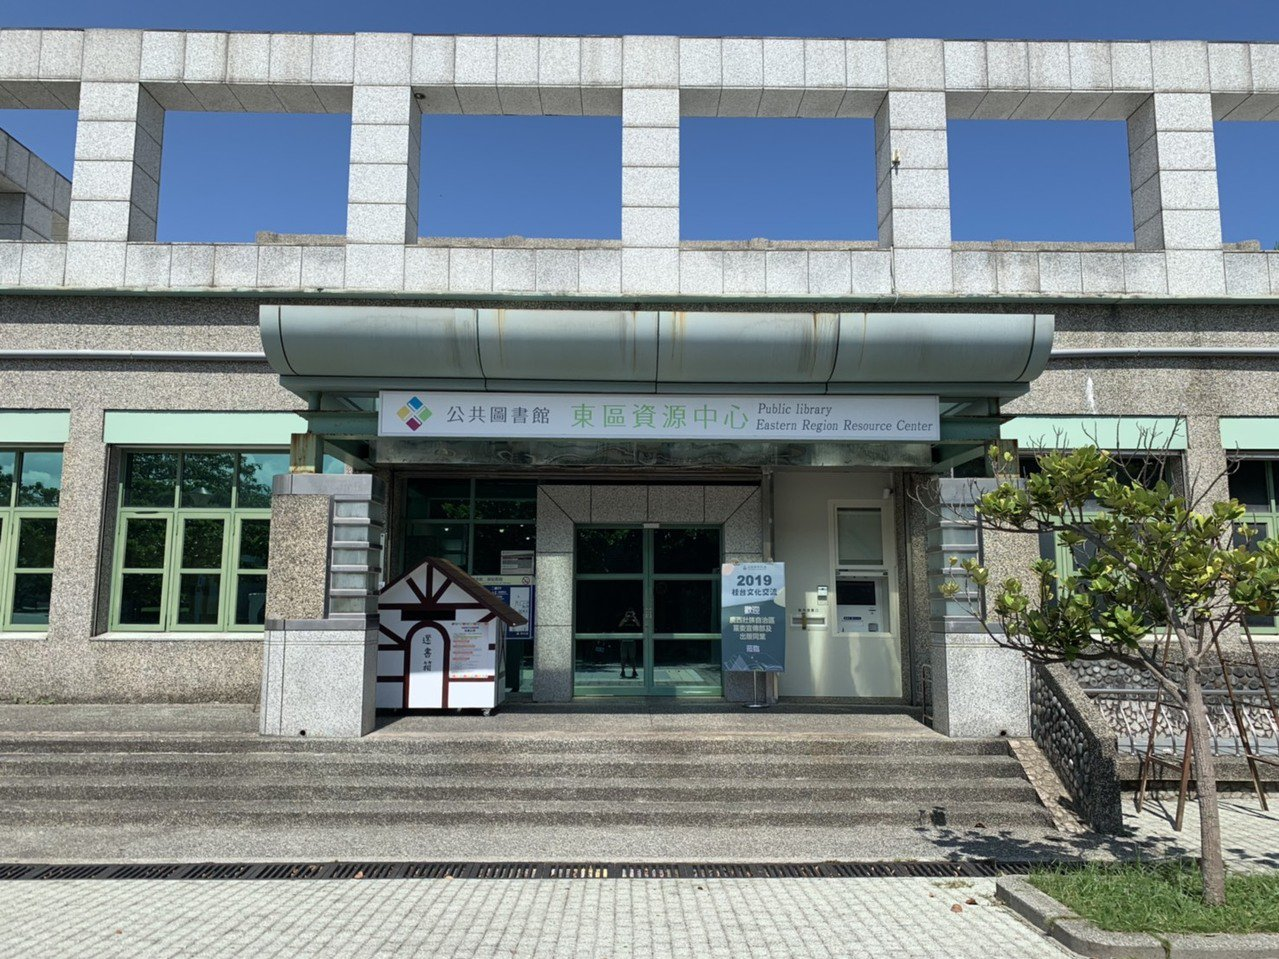 花蓮圖書館整修 明起封館一個月   聯合新聞網